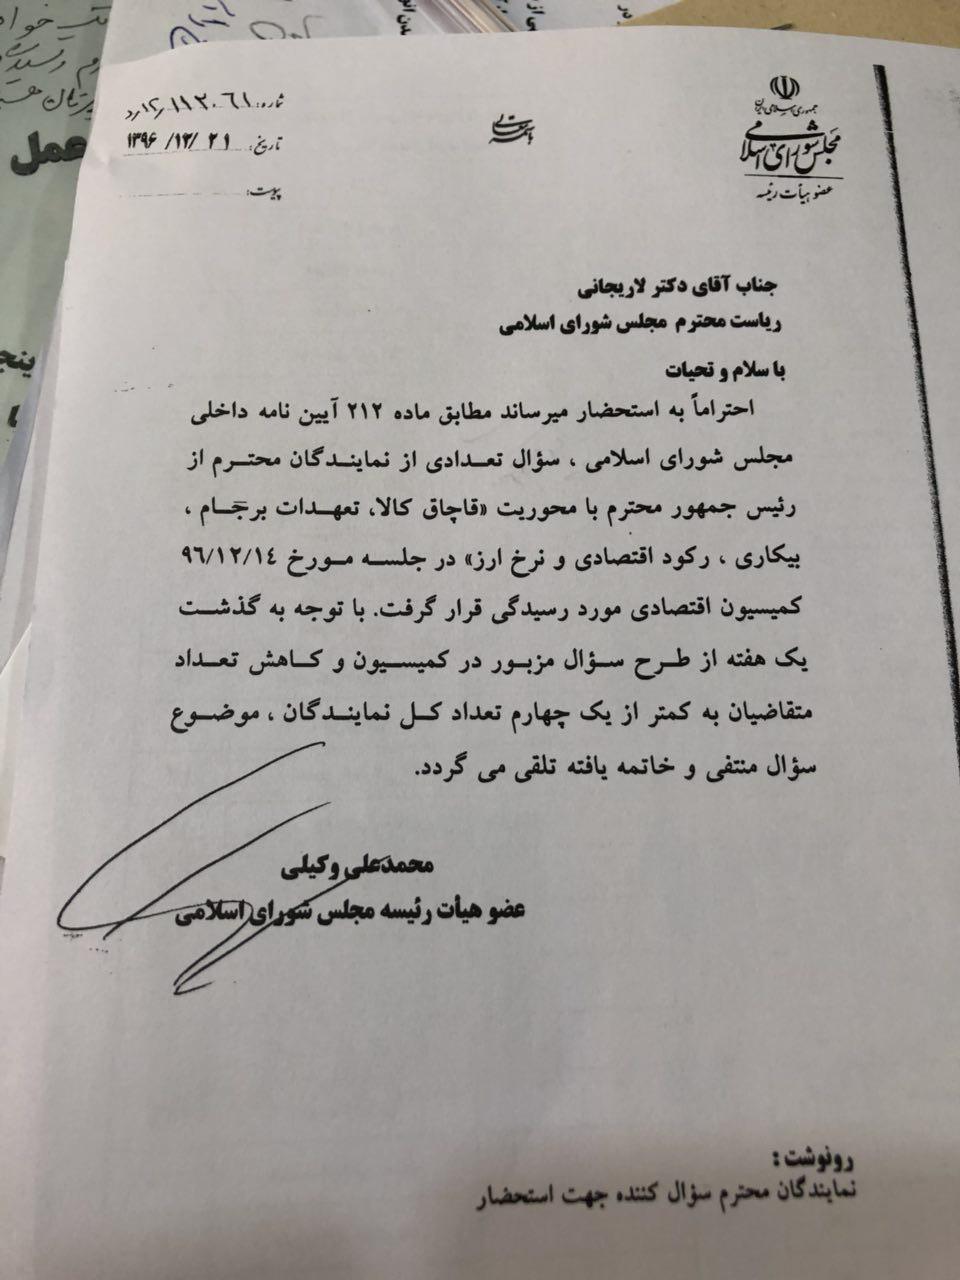 38284 - اسامی ۵۸ نماینده ای که امضای خود را پس نگرفتند | حضور ۴ نماینده گیلان در لیست + سند